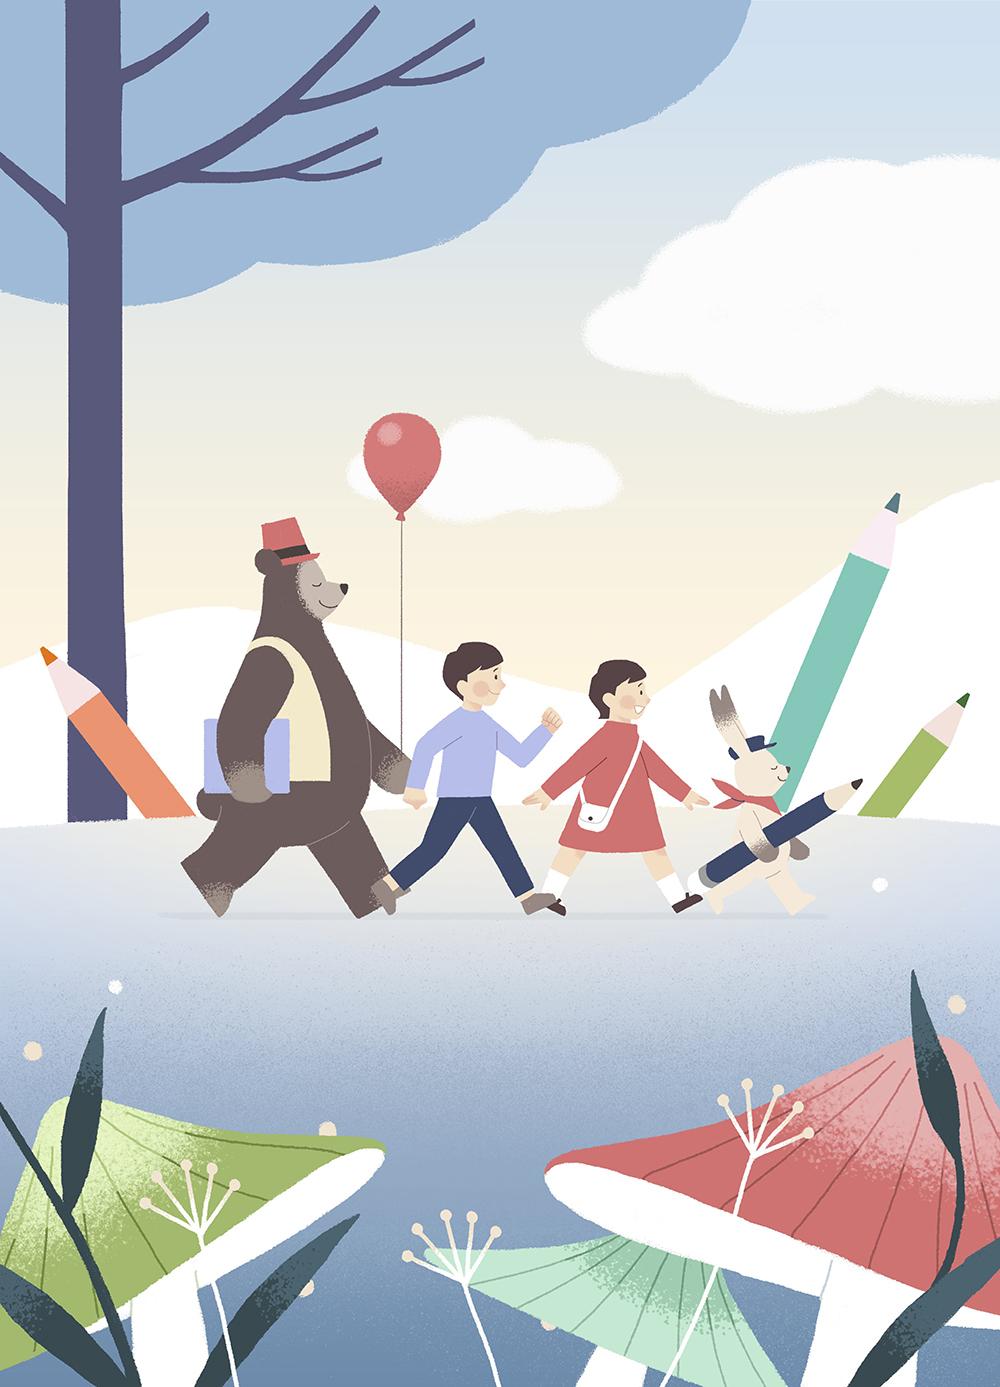 儿童梦想宇宙手绘背景插画PSD素材 插画-第9张